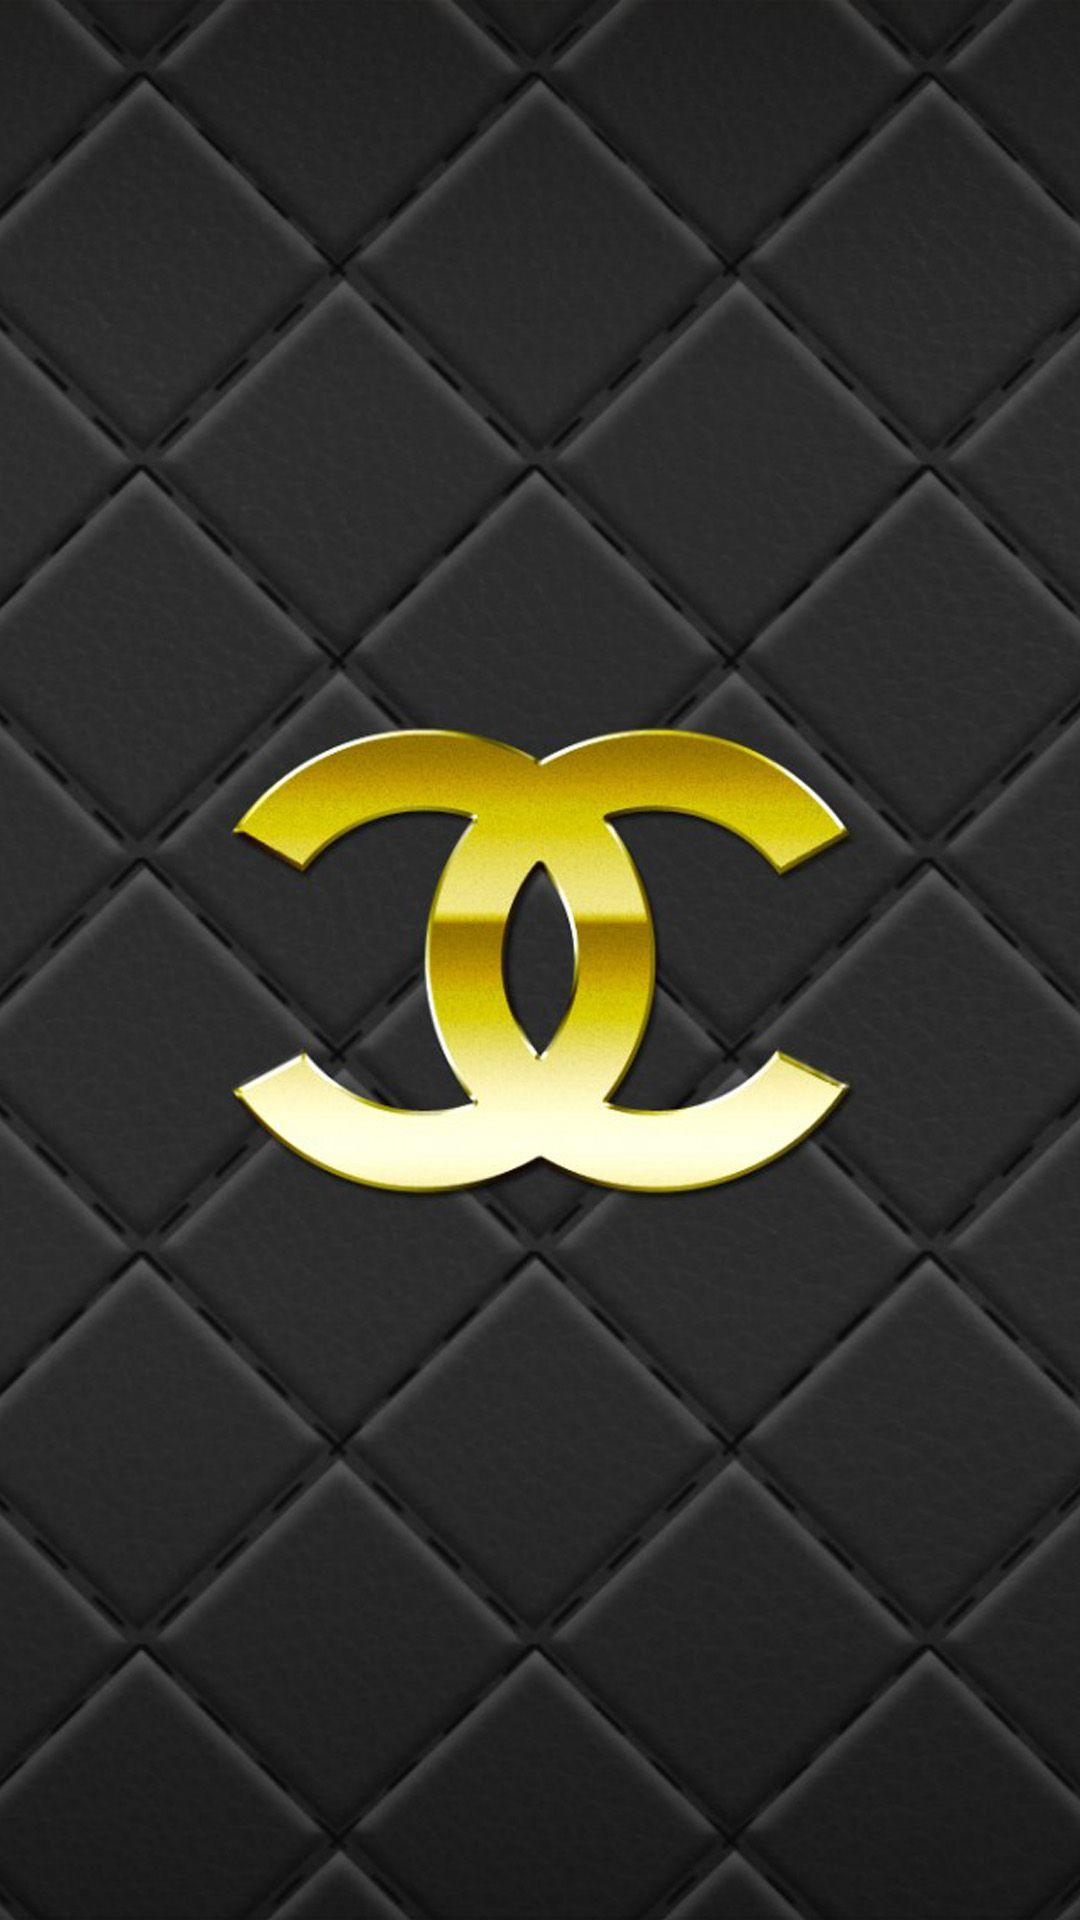 Chanel Logo Nexus 5 Wallpapers Nexus 5 Wallpapers And Backgrounds